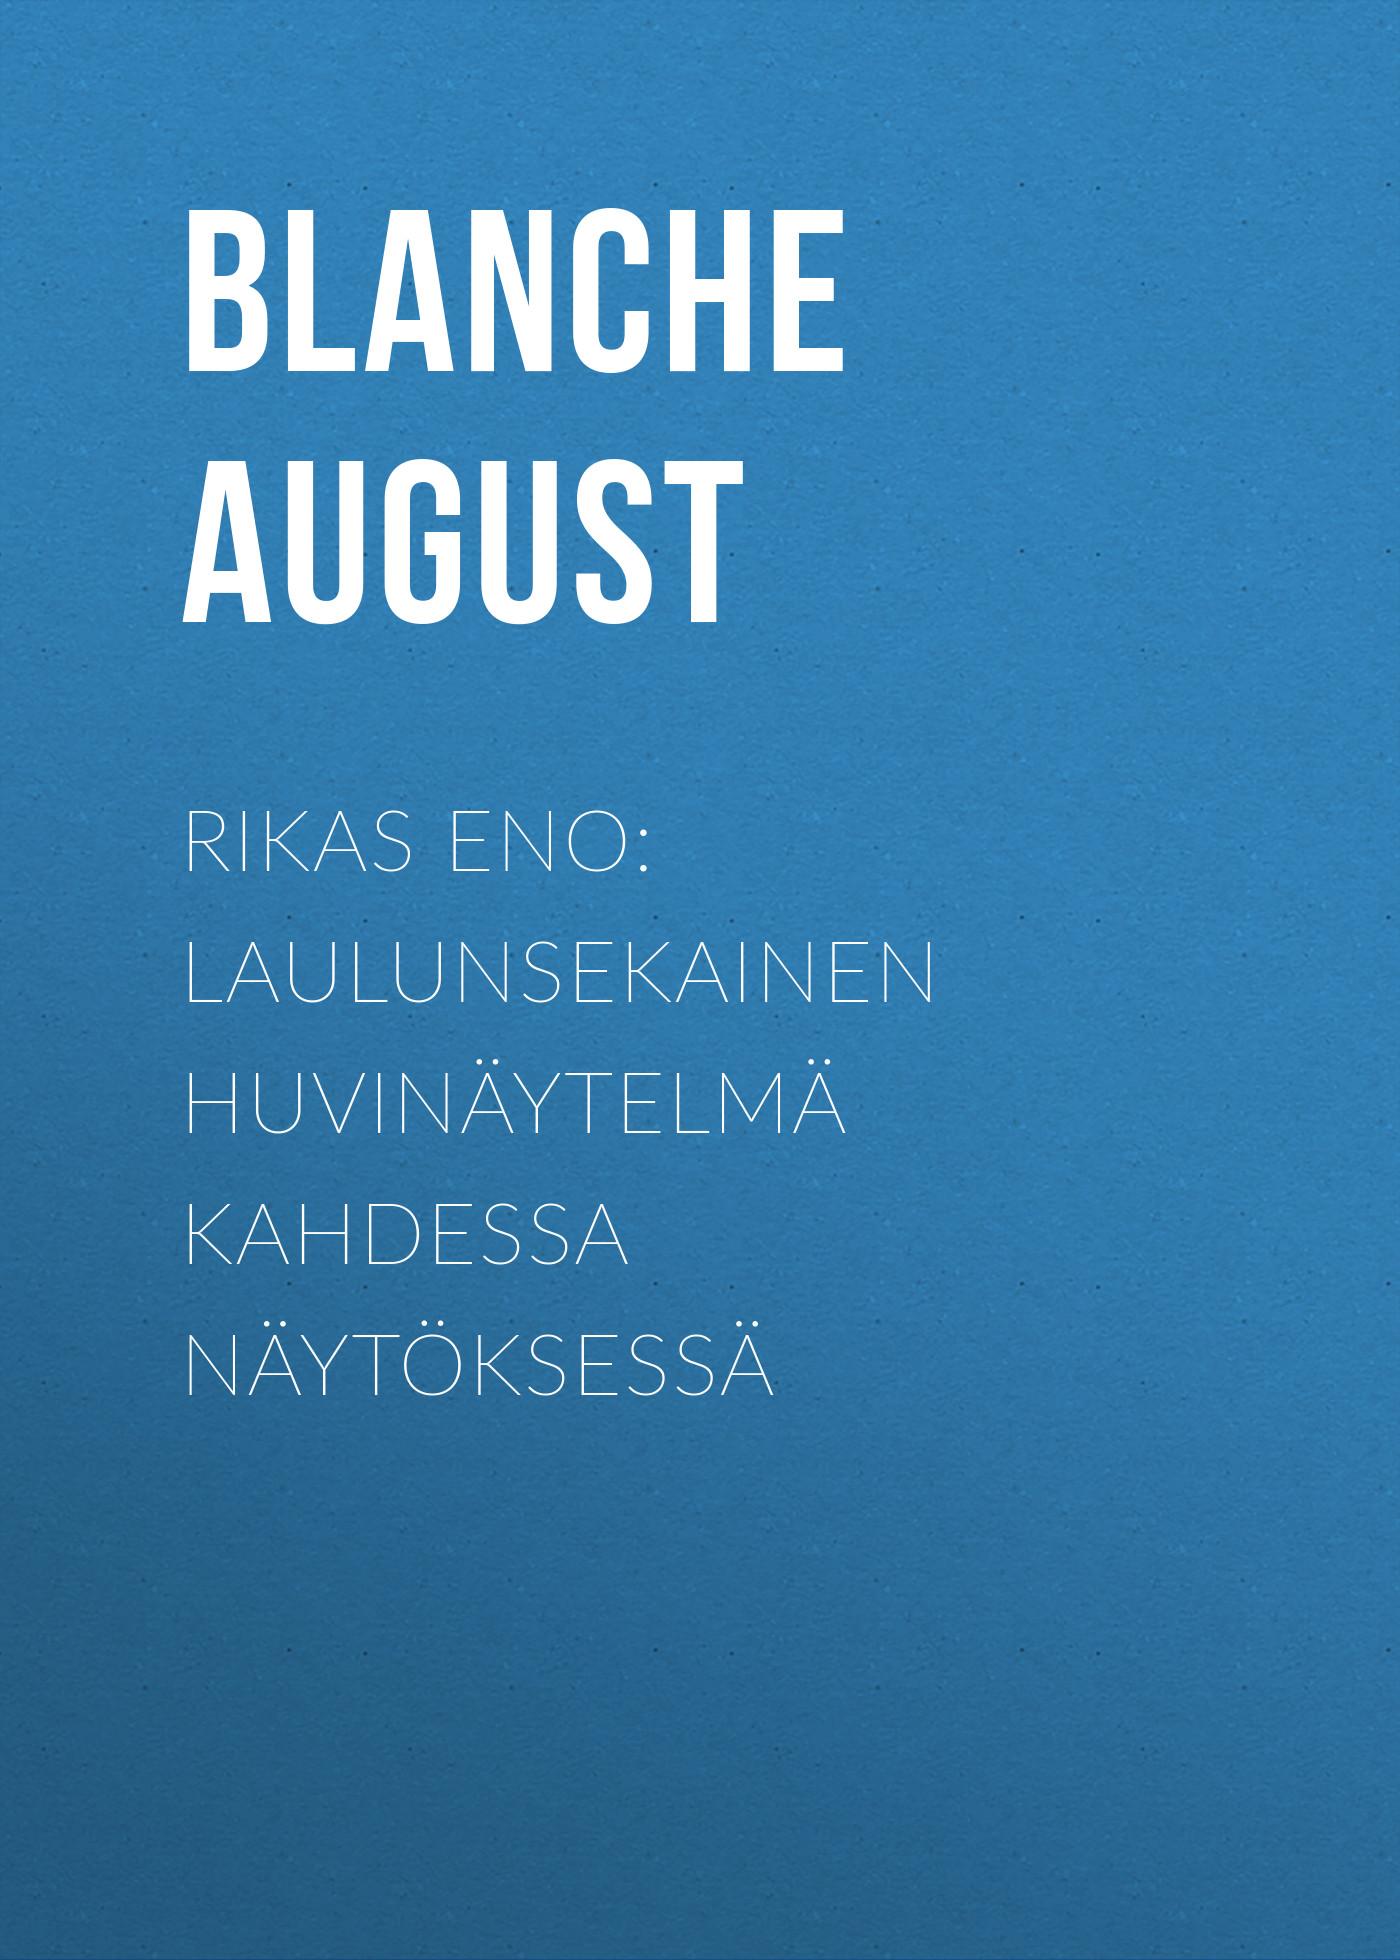 Blanche August Rikas eno: Laulunsekainen huvinäytelmä kahdessa näytöksessä 5pcs eno tc 16 mini guitar effect pedal over drive